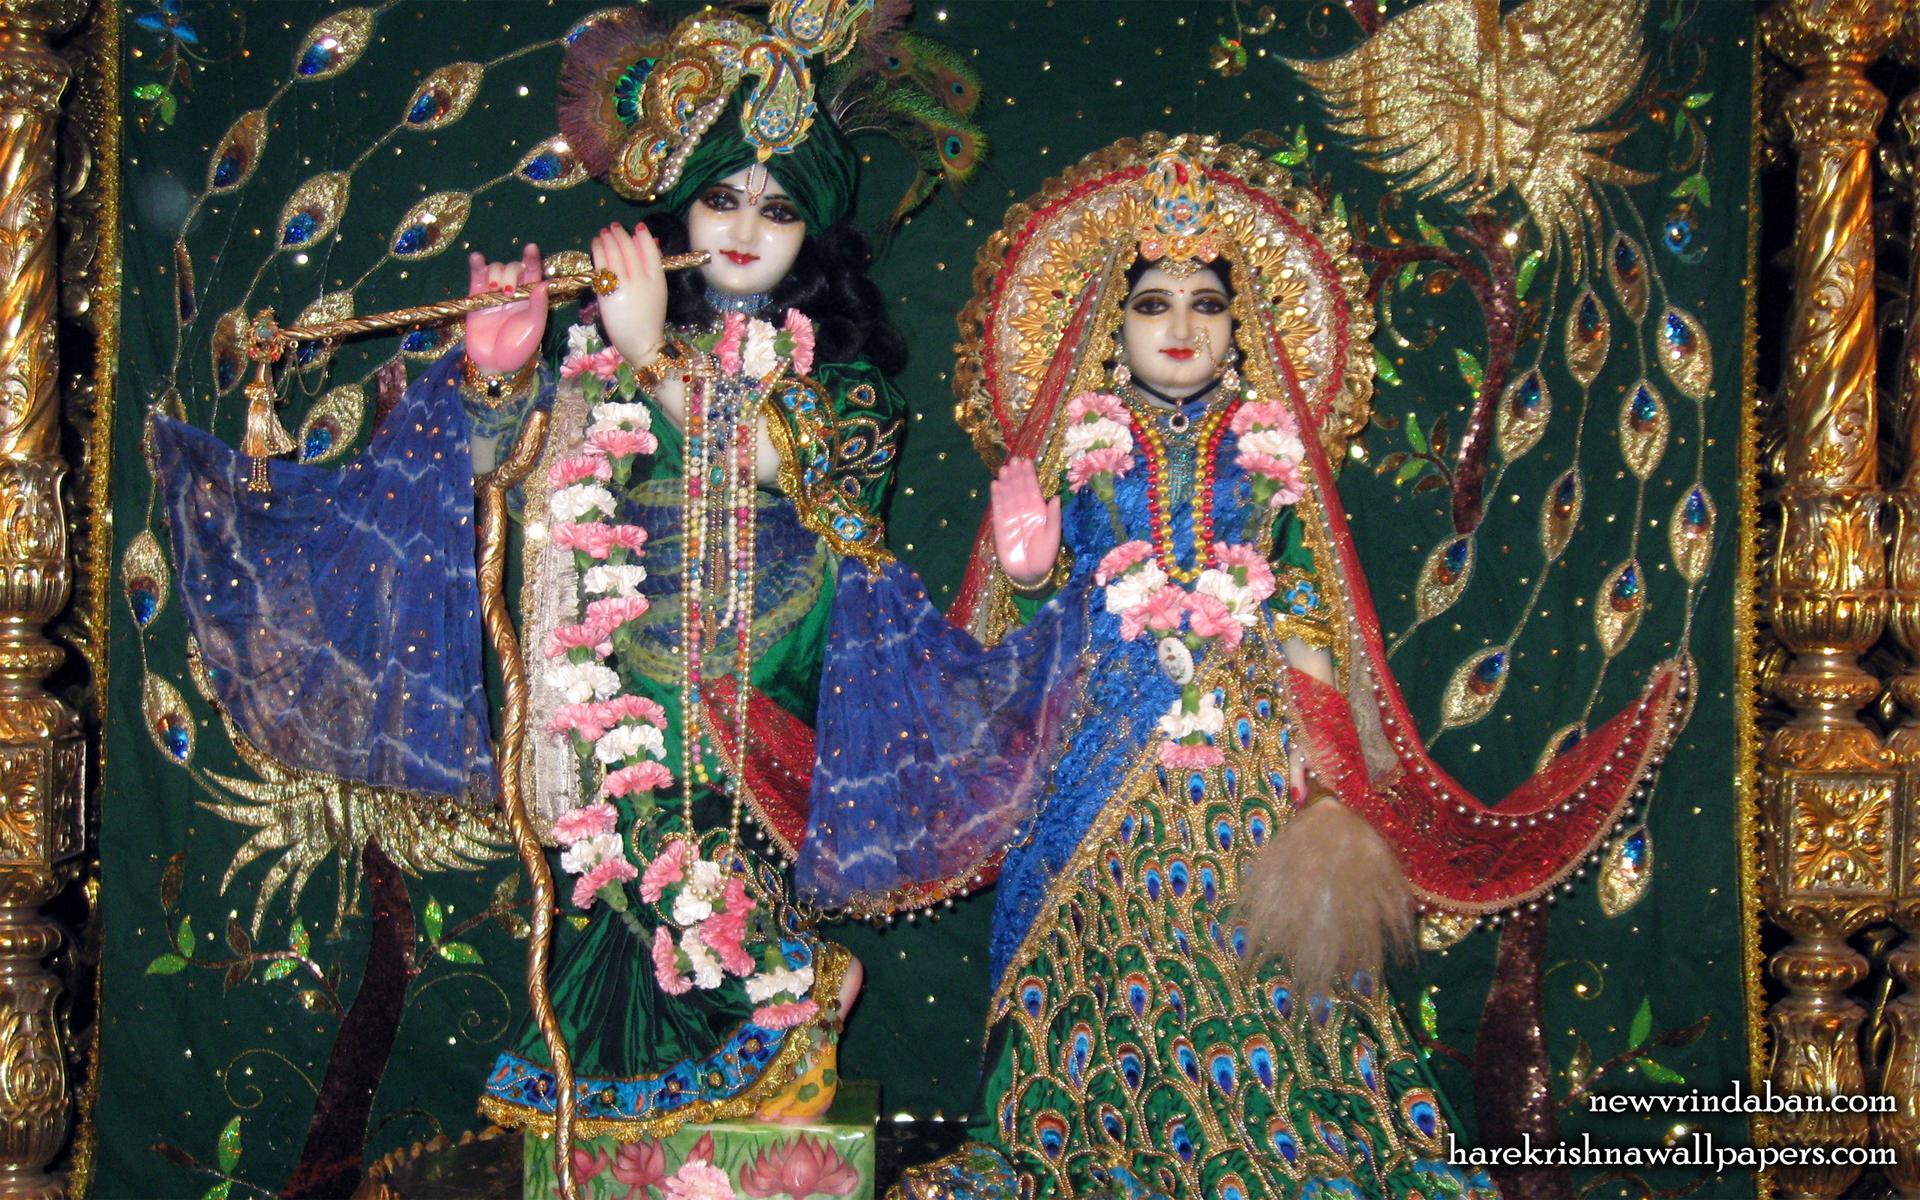 Sri Sri Radha Vrindavana Chandra Wallpaper (003) Size 1920x1200 Download